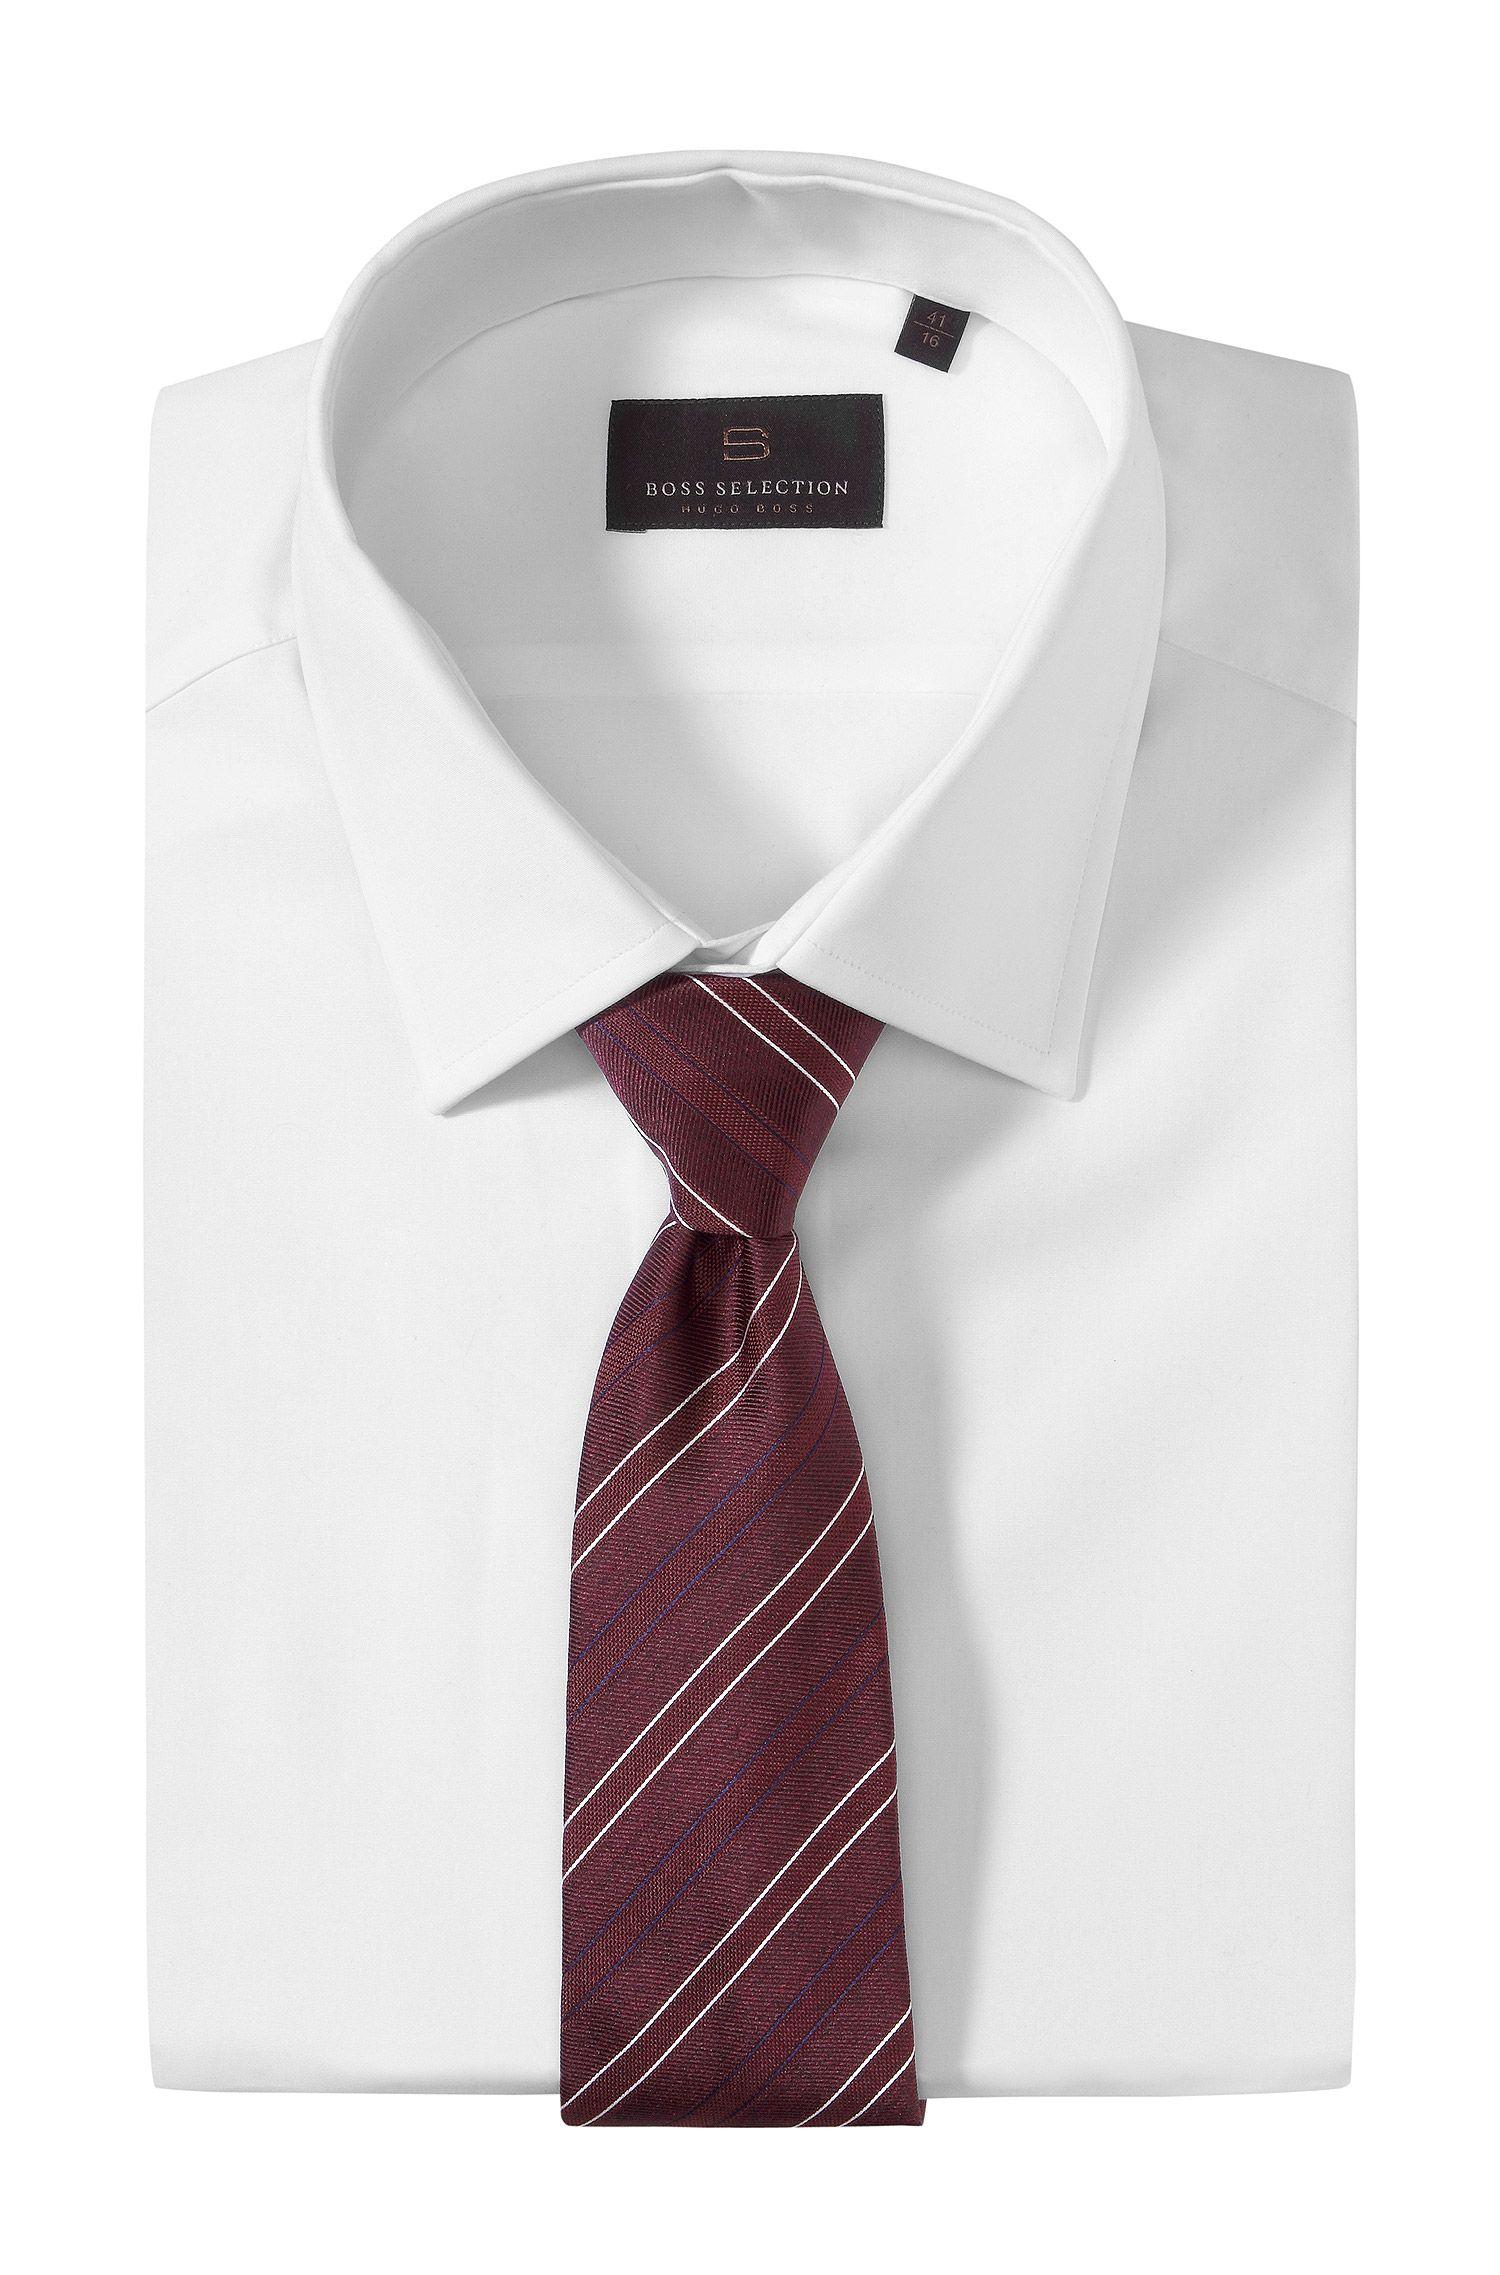 Krawatte ´TIE CM 8` mit Webstreifen-Dessin